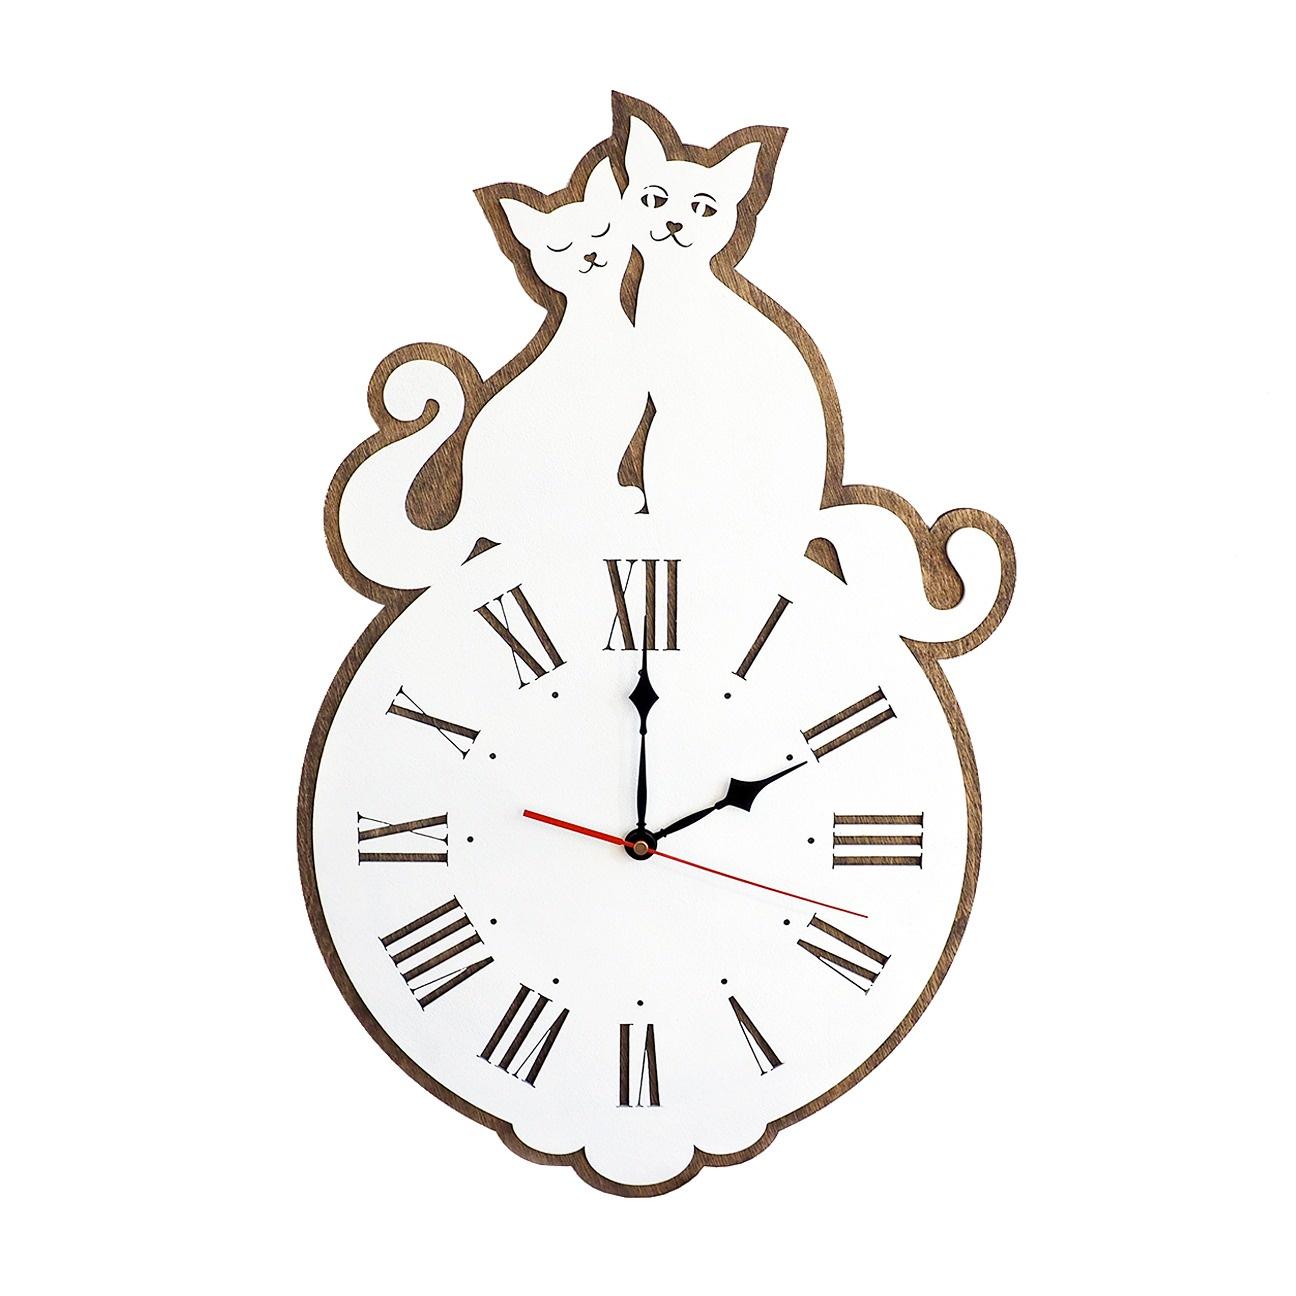 Настенные часы Roomton 50см, с котами, 021/50/WT, белый